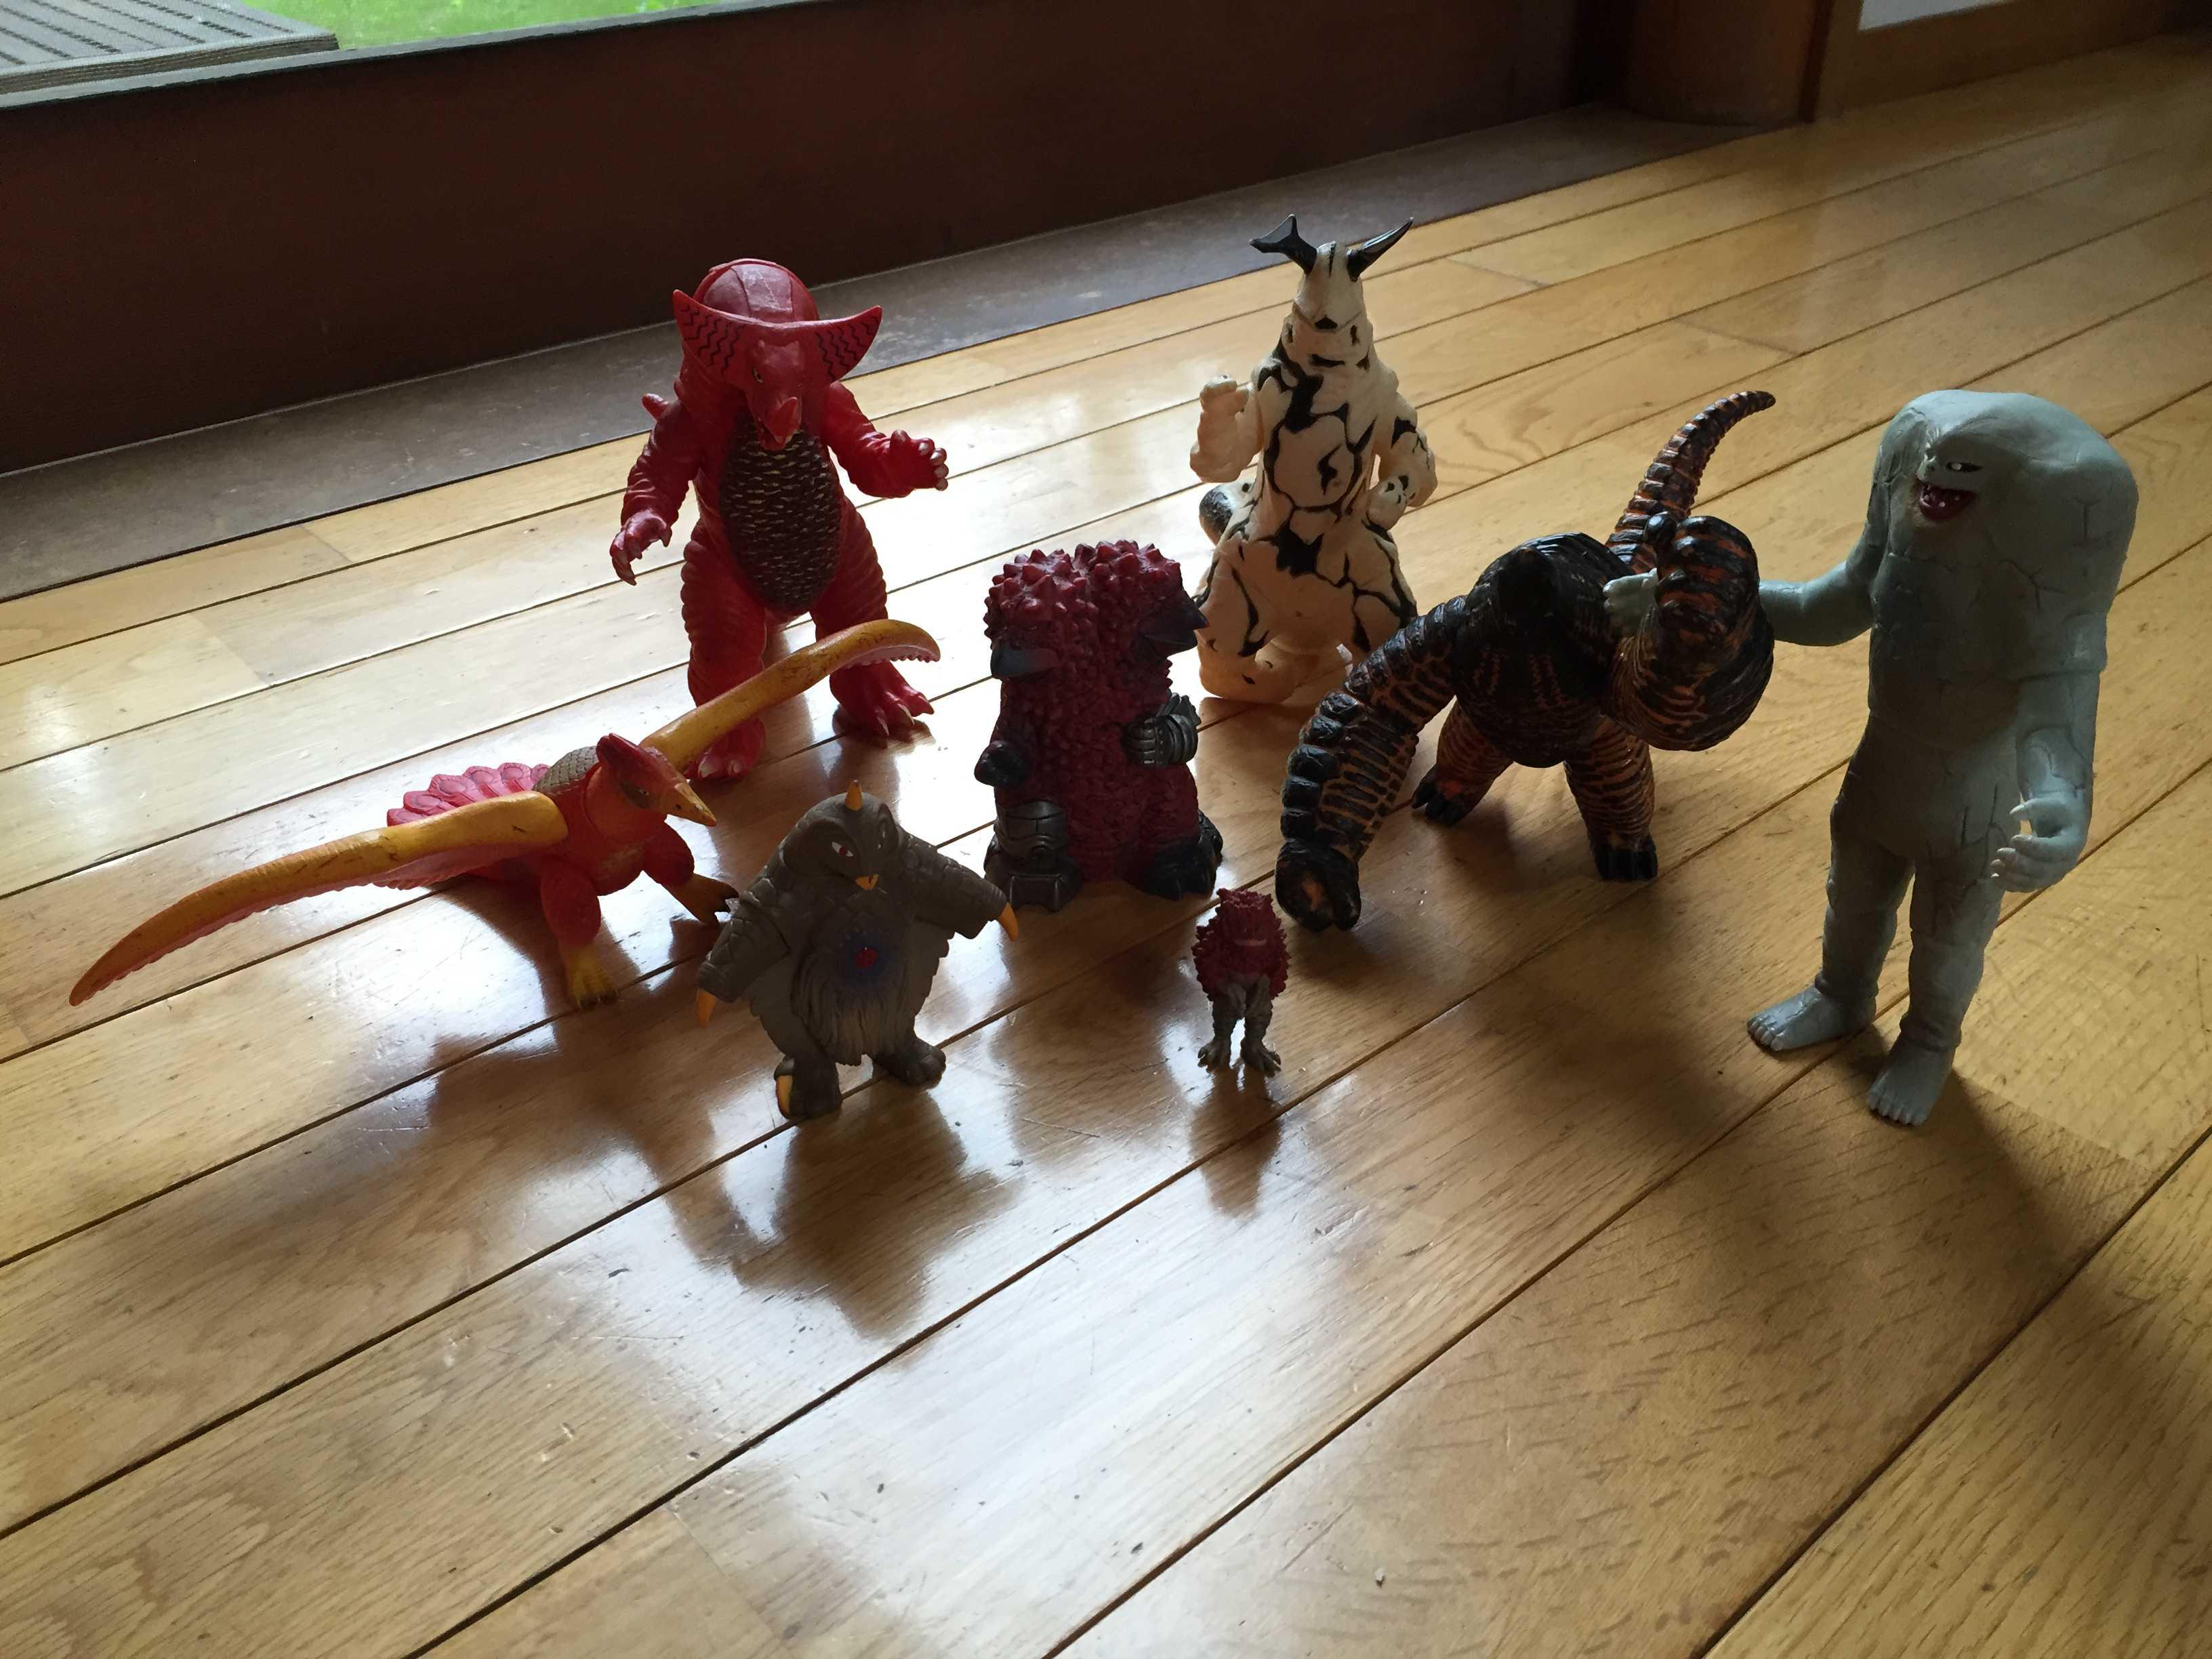 集合したウルトラ怪獣のソフビたち